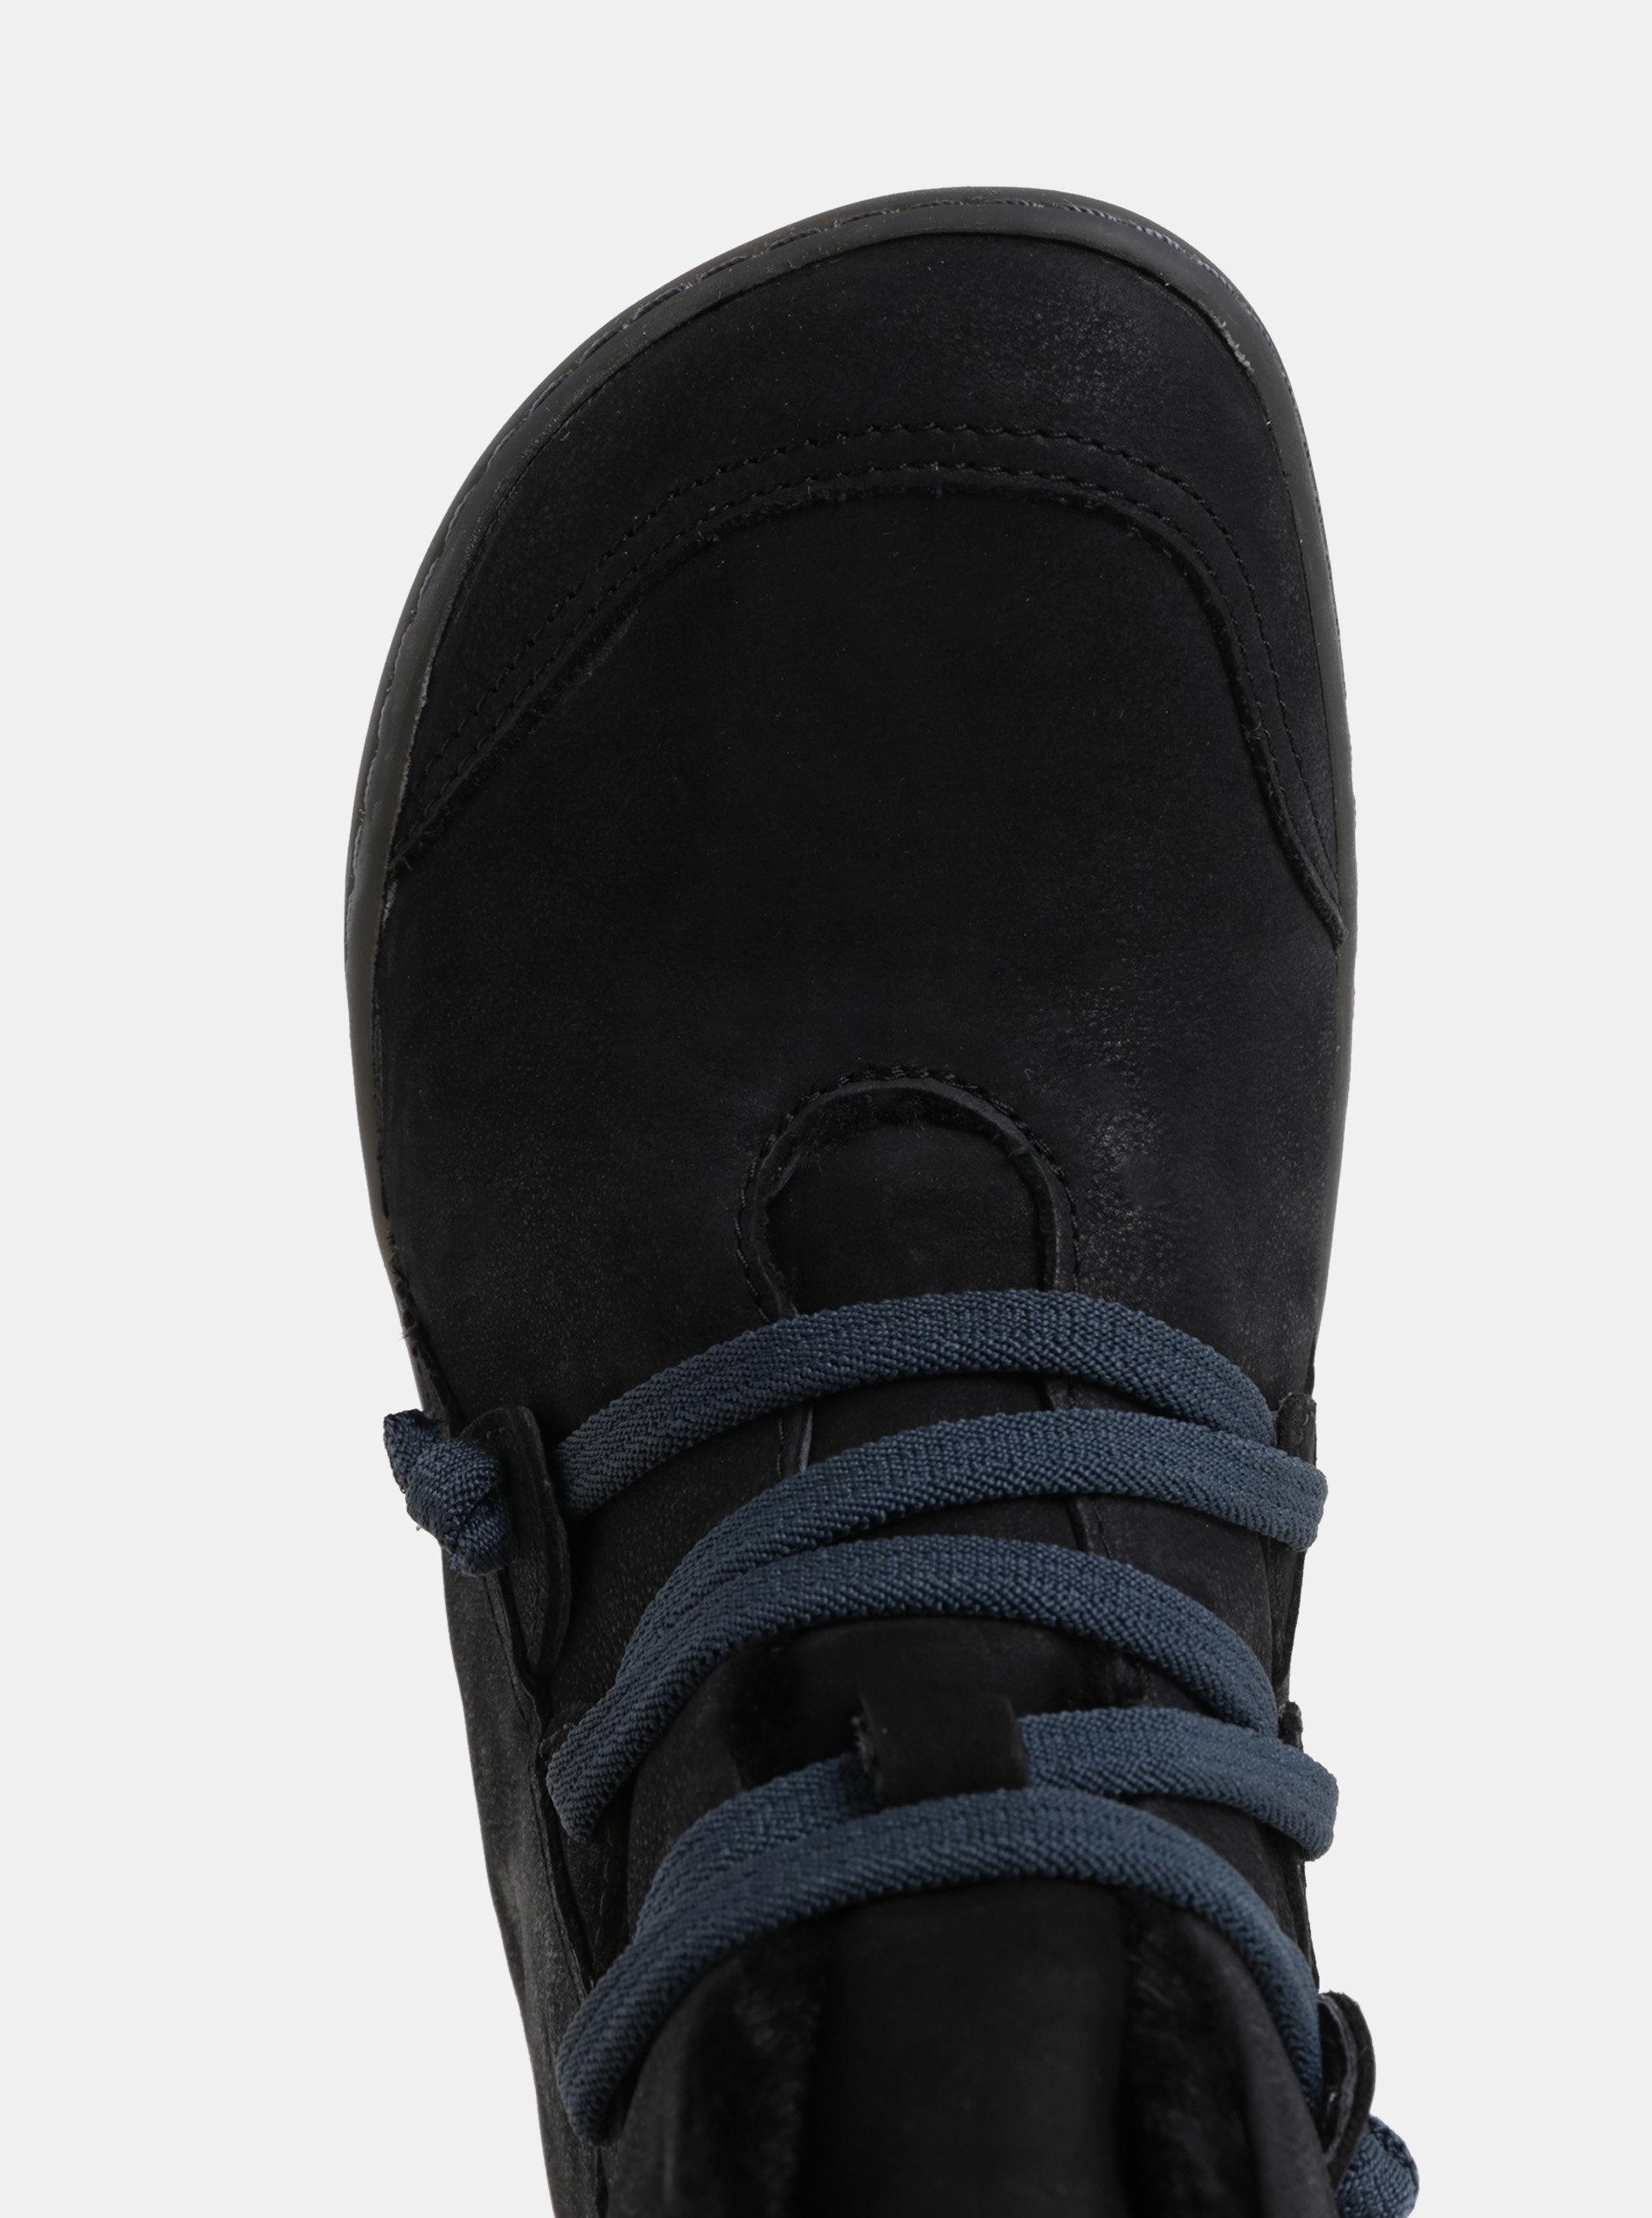 Černé dámské kožené kotníkové zimní boty s vnitřním umělým kožíškem Camper  Cami Hell ... 65bfa6e84e